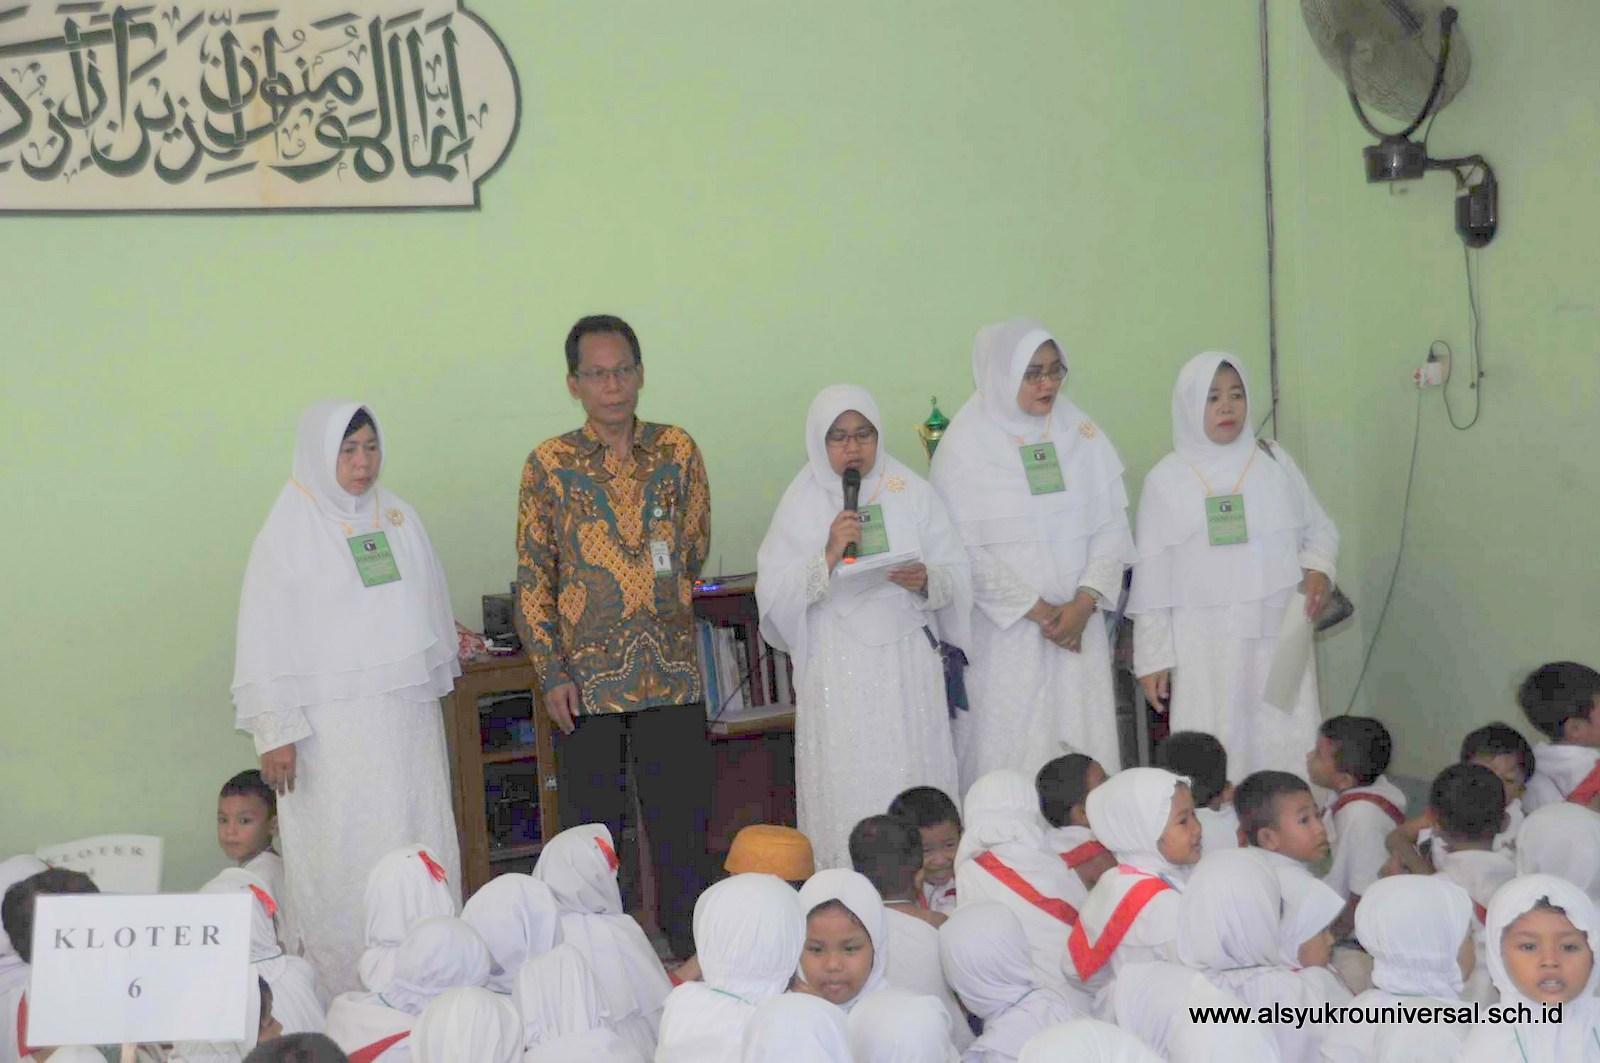 HIMPAUDI Adakan Manasik Haji di Al Syukro Universal